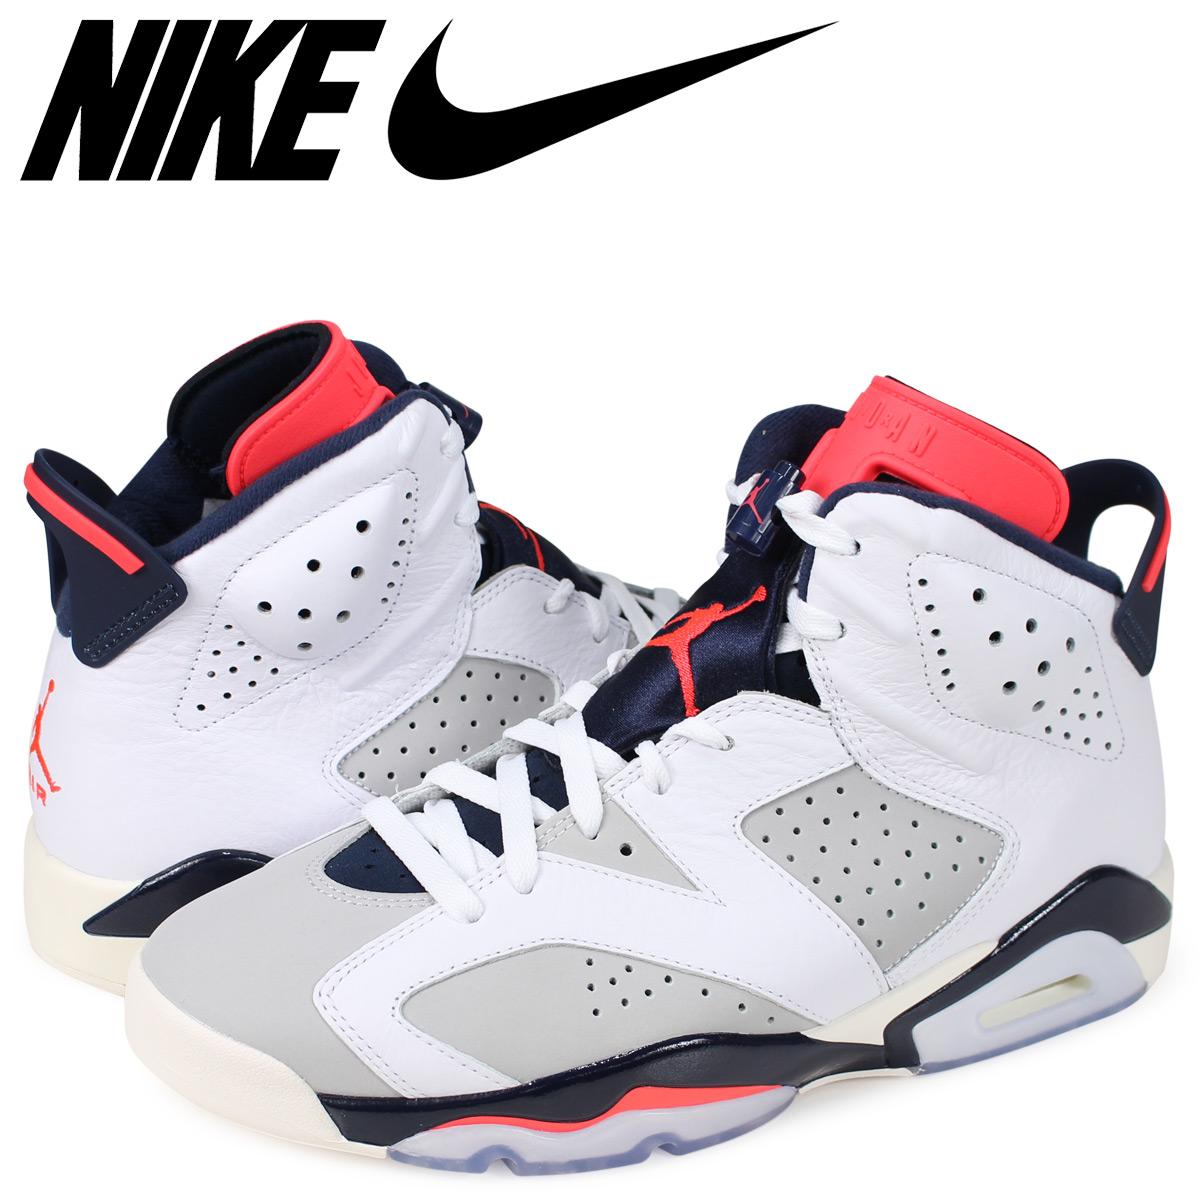 e614bb5807e NIKE AIR JORDAN 6 RETRO TINKER Nike Air Jordan 6 nostalgic sneakers men  white 384